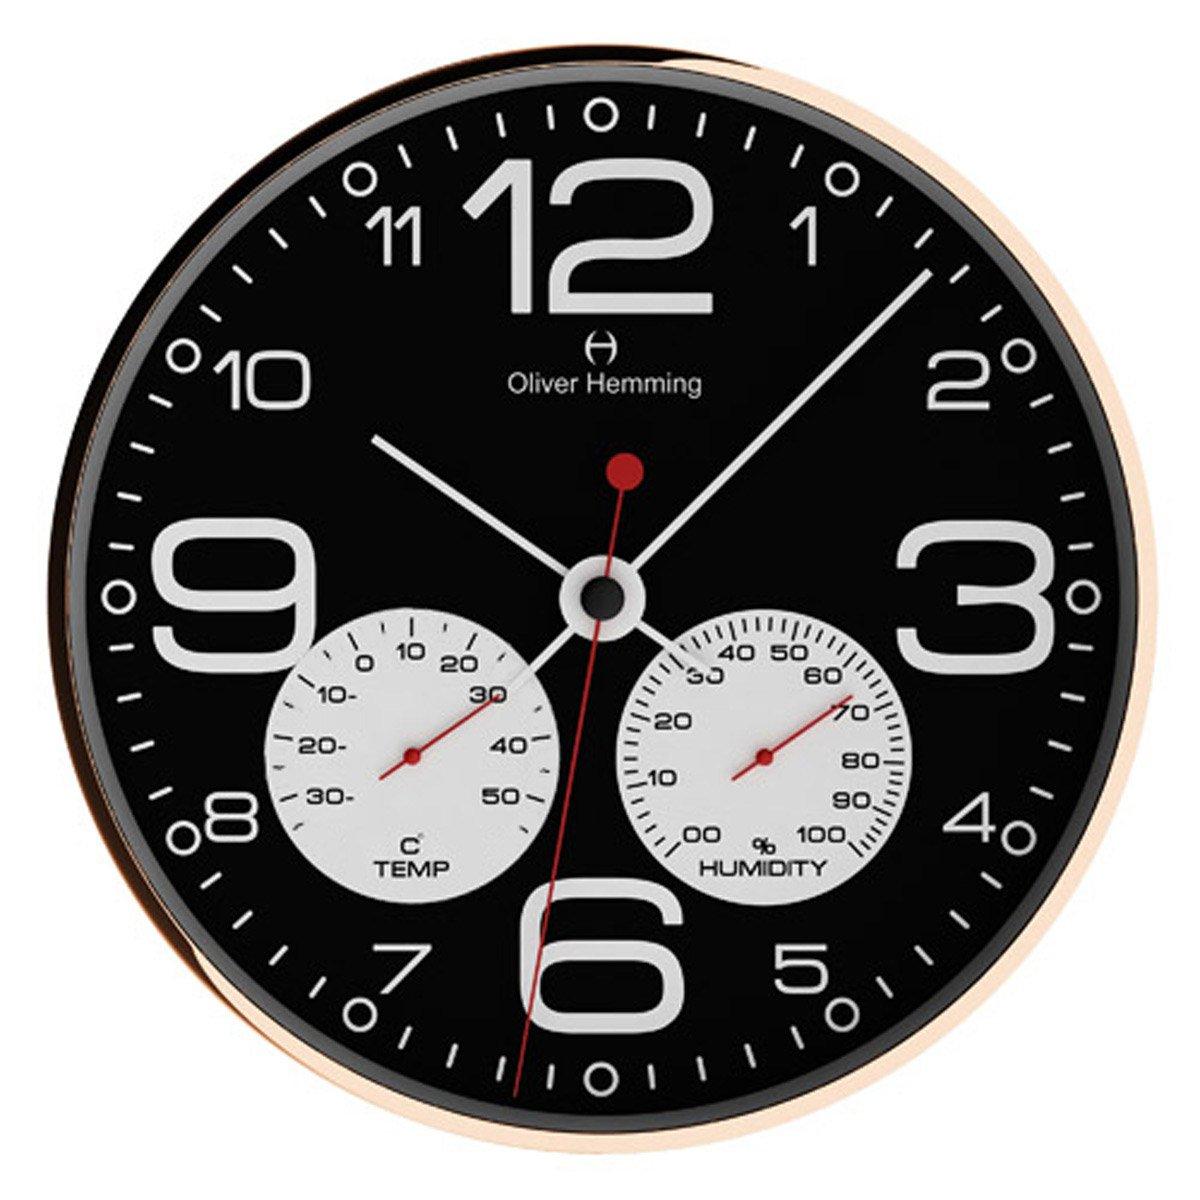 オリバーヘミング 壁掛け時計 イギリスブランド 300mm W300R51BWTW [正規輸入品] B079WVGR2G